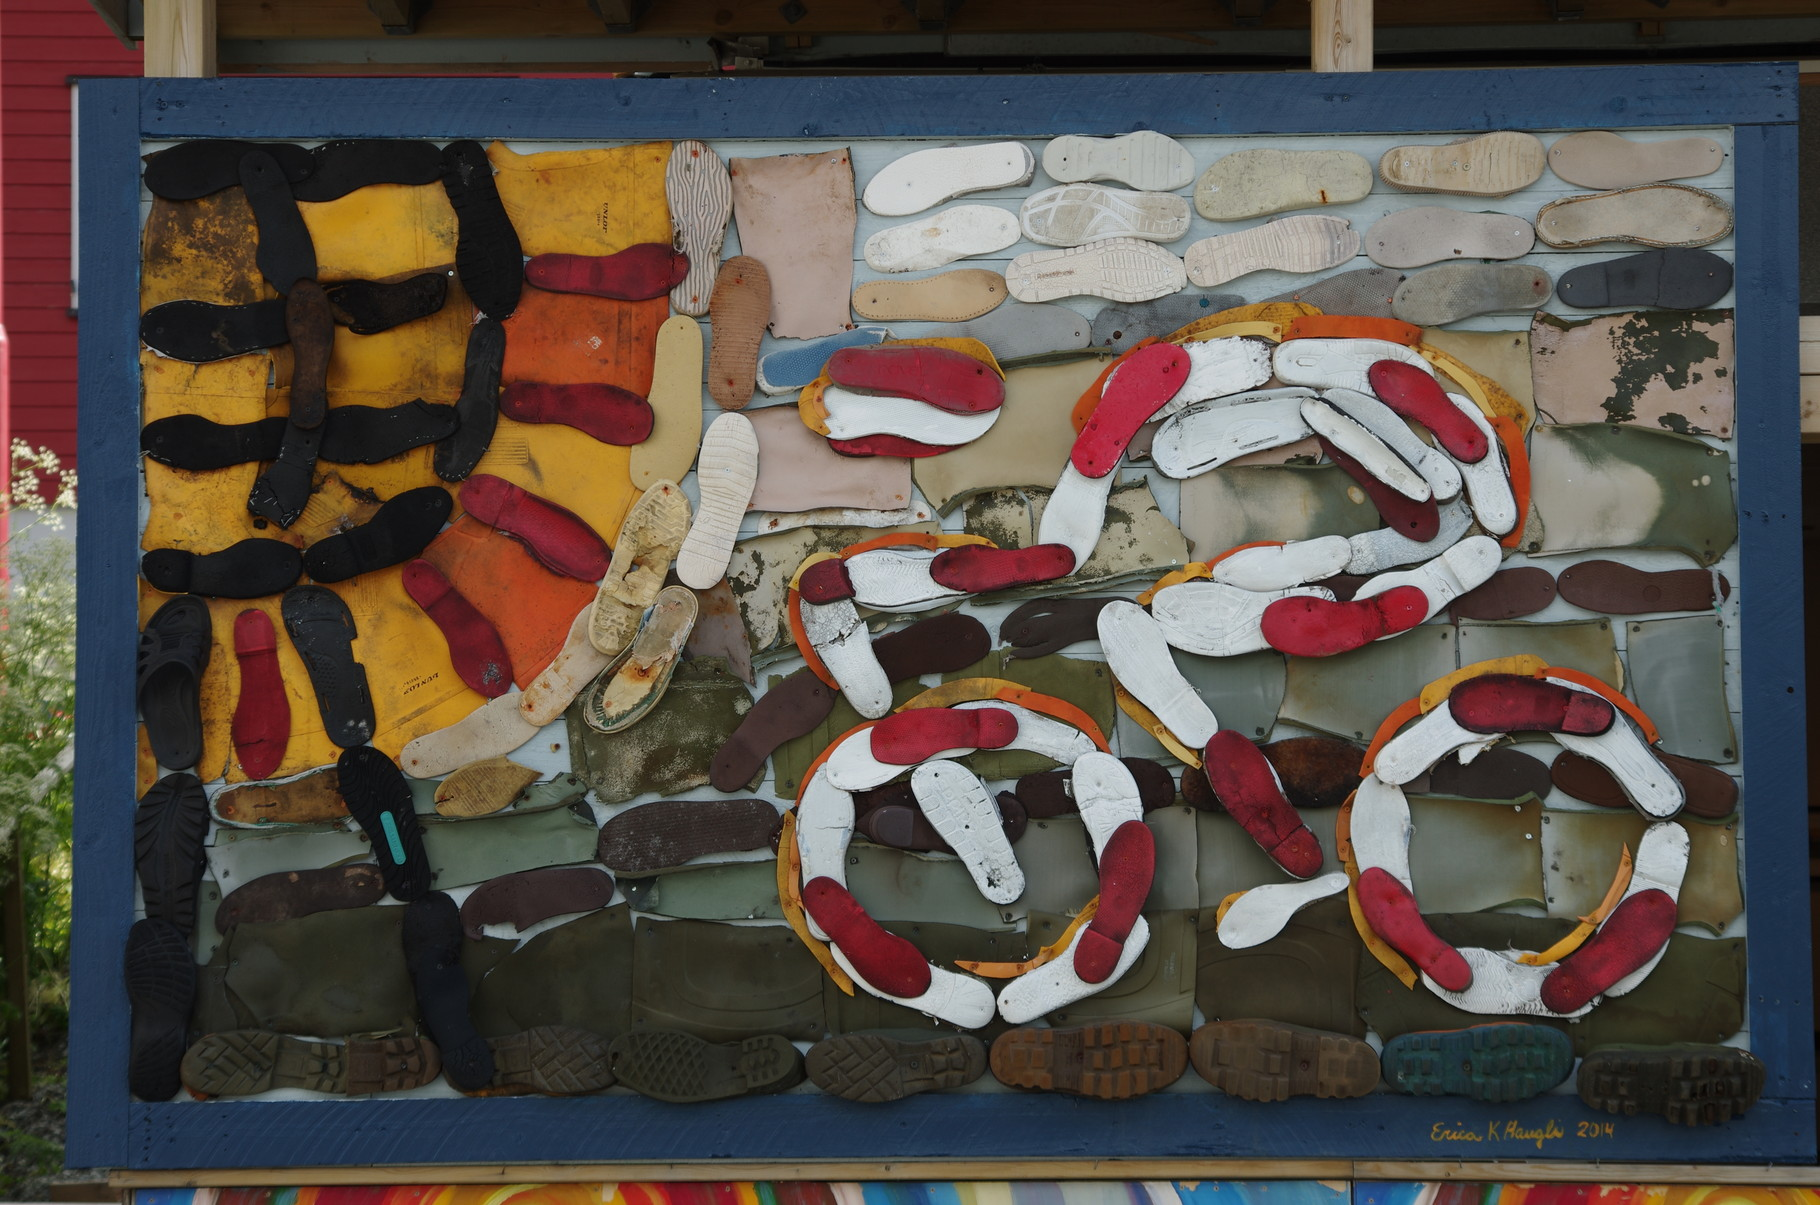 ...mit interessanten Wandbildern aus am Strand gefundenen Schuhen